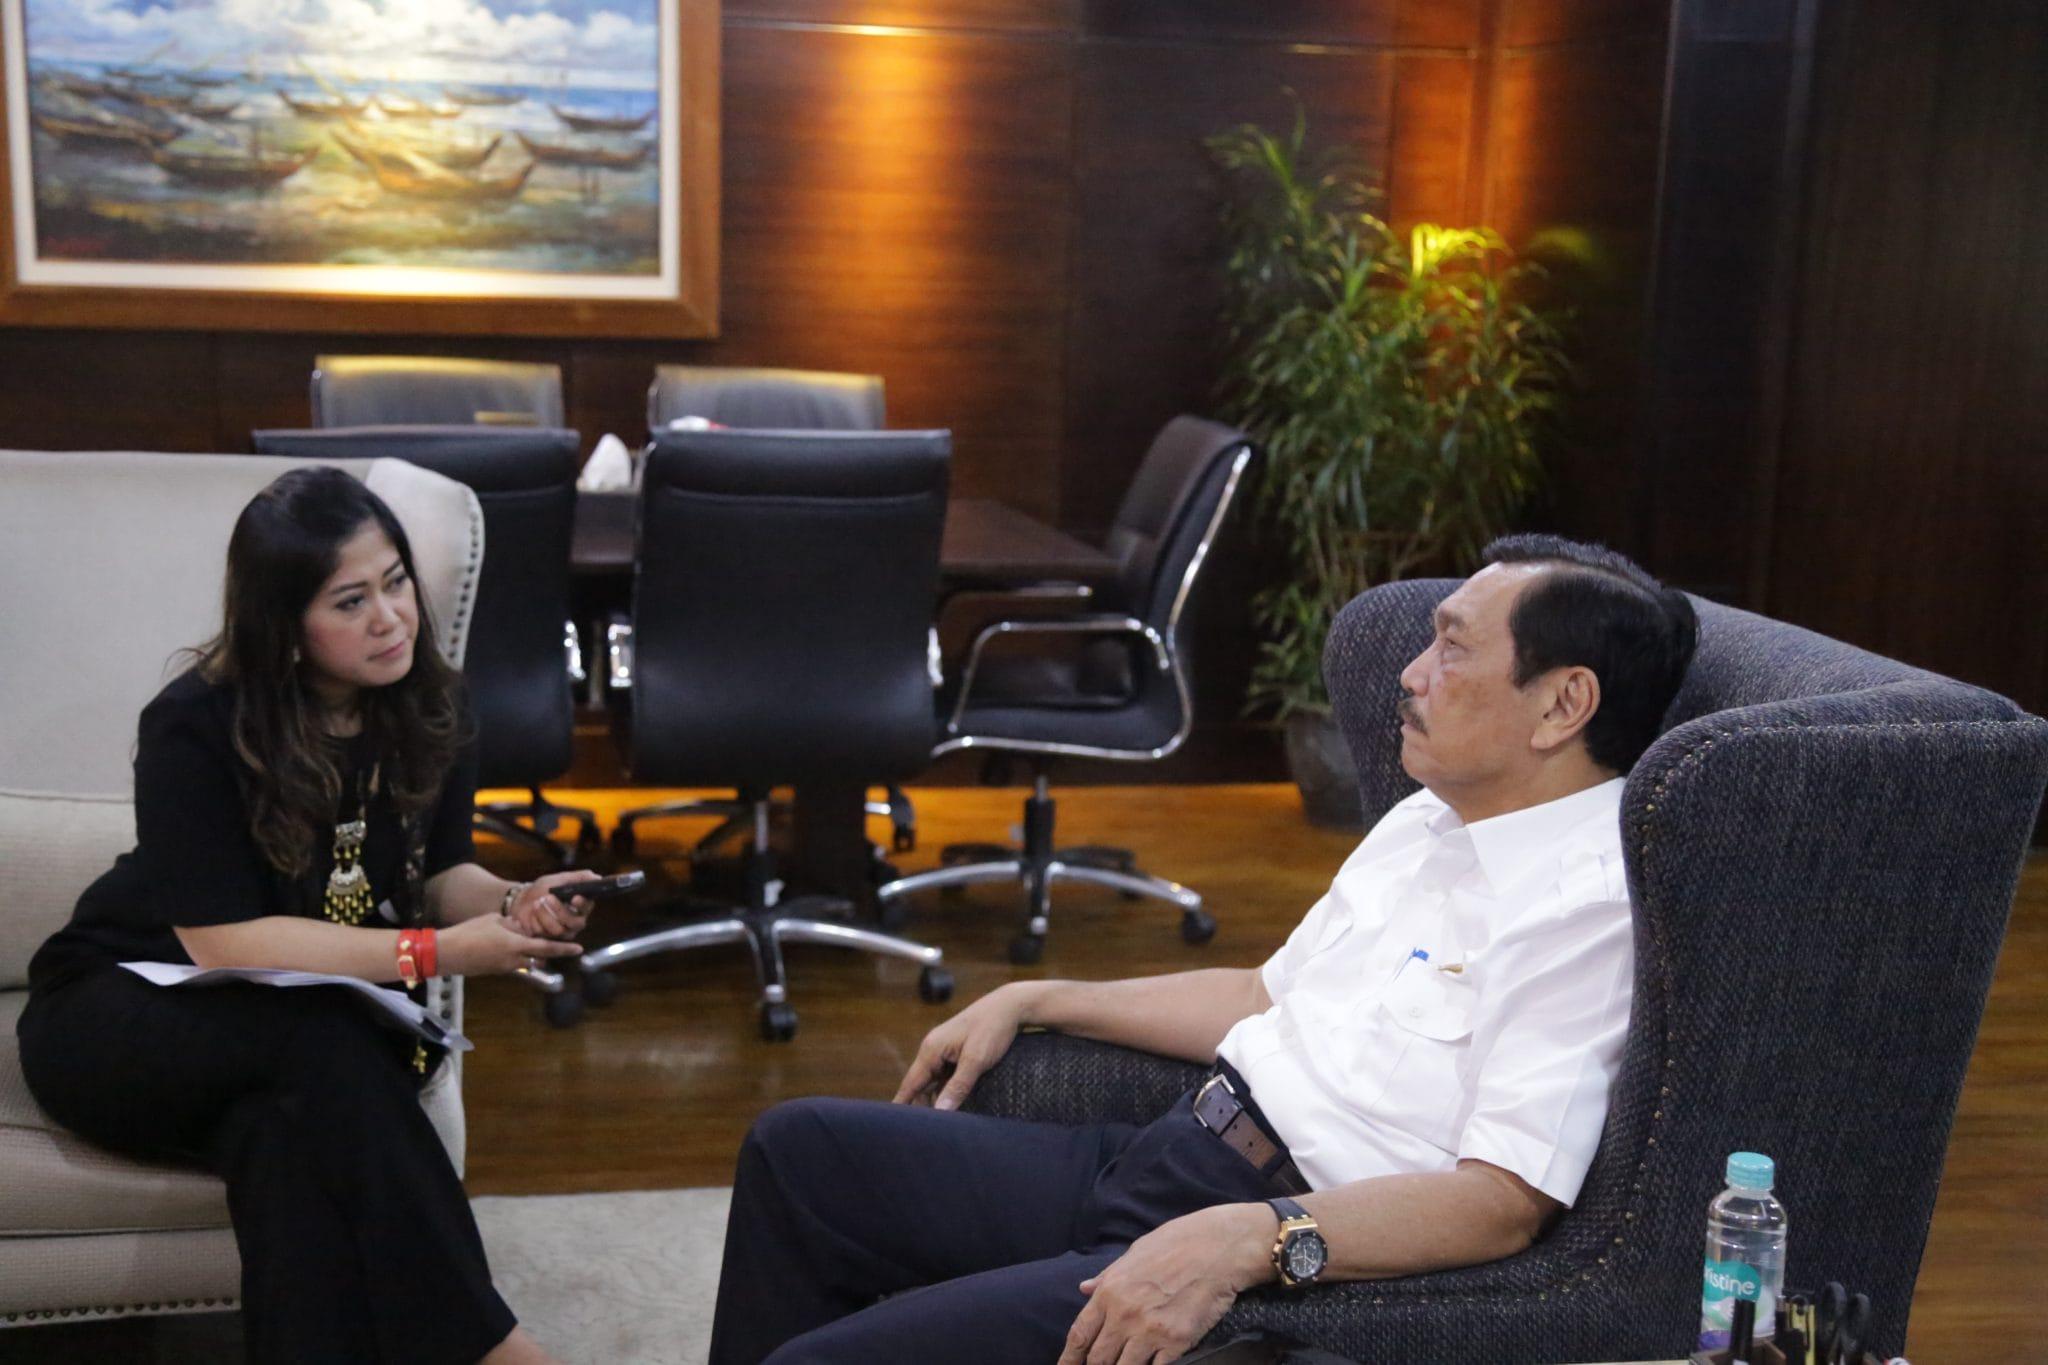 Menko Luhut Rapat dengan Wakil Ketua Komisi I DPR RI